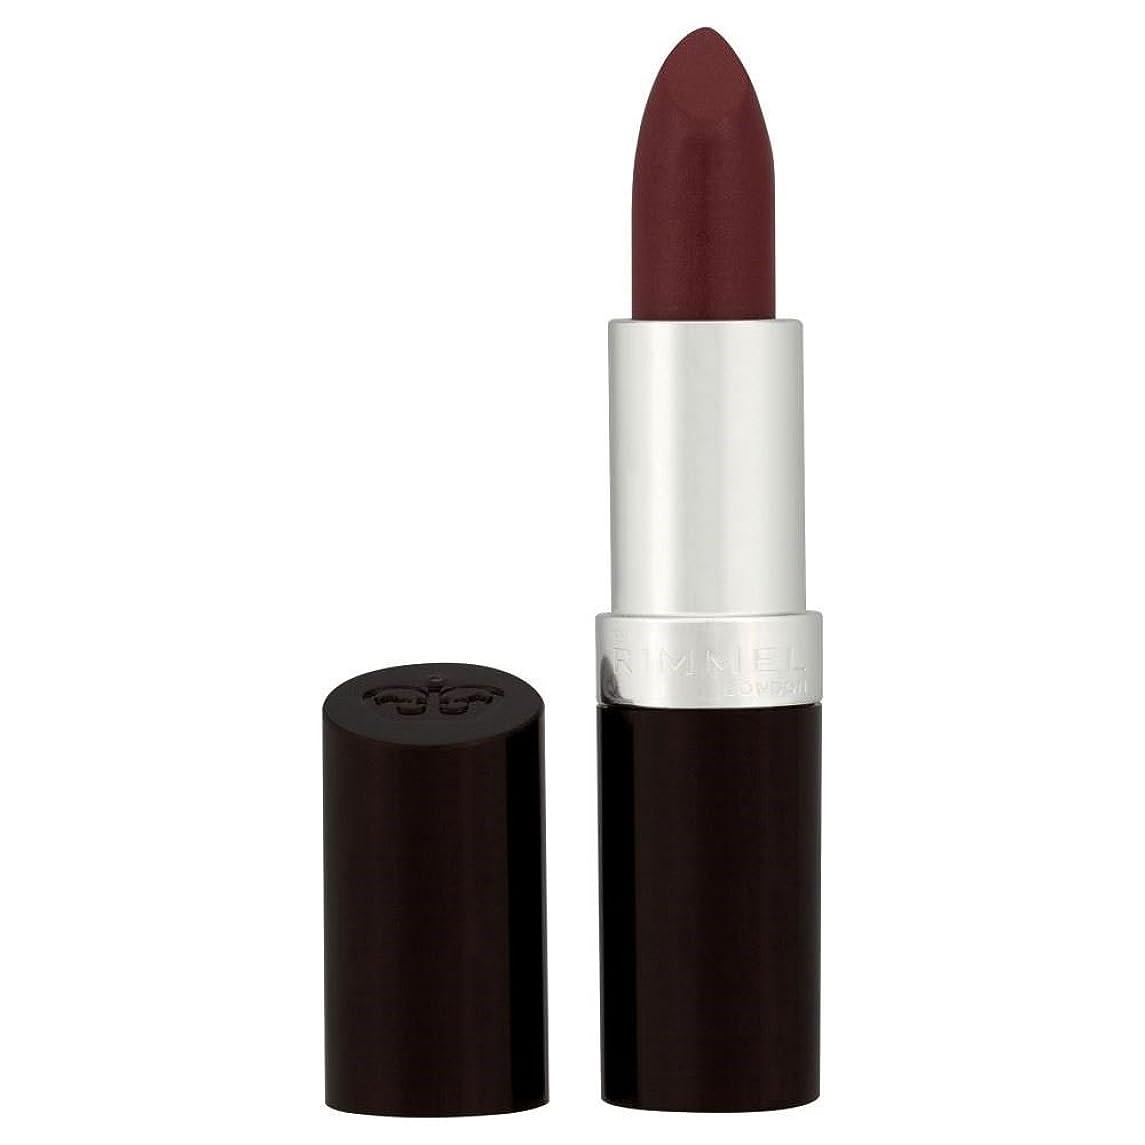 オリエンタルそれらヒロインRimmel Lasting Finish Lipstick - Starry Eyed リンメル持続仕上げ口紅 - 星空目